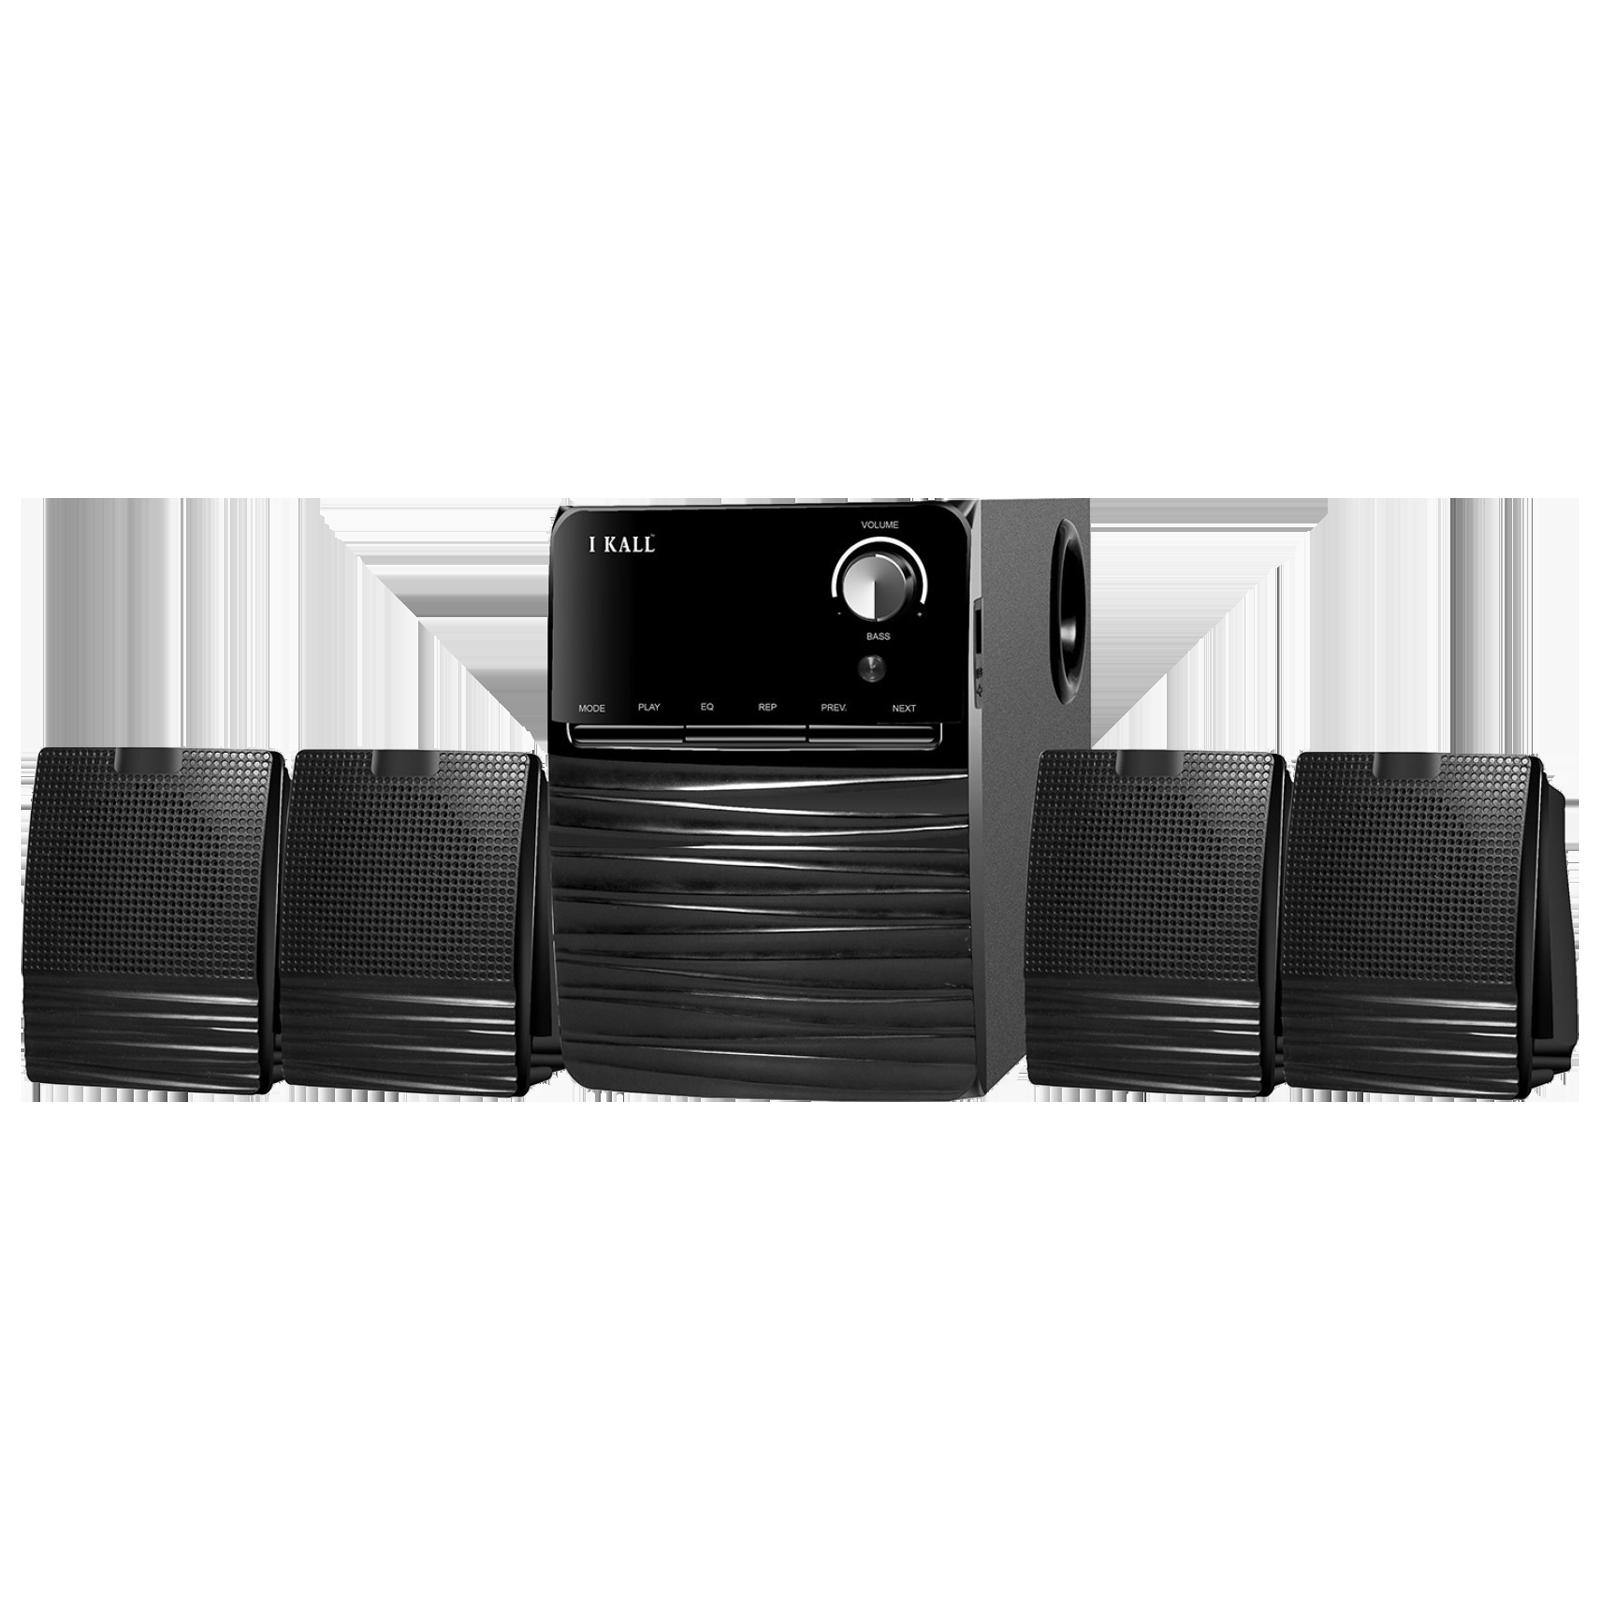 I KALL 4.1 Channel 60 Watts Standard Home Theatre System (Bluetooth, IK-403, Black)_1